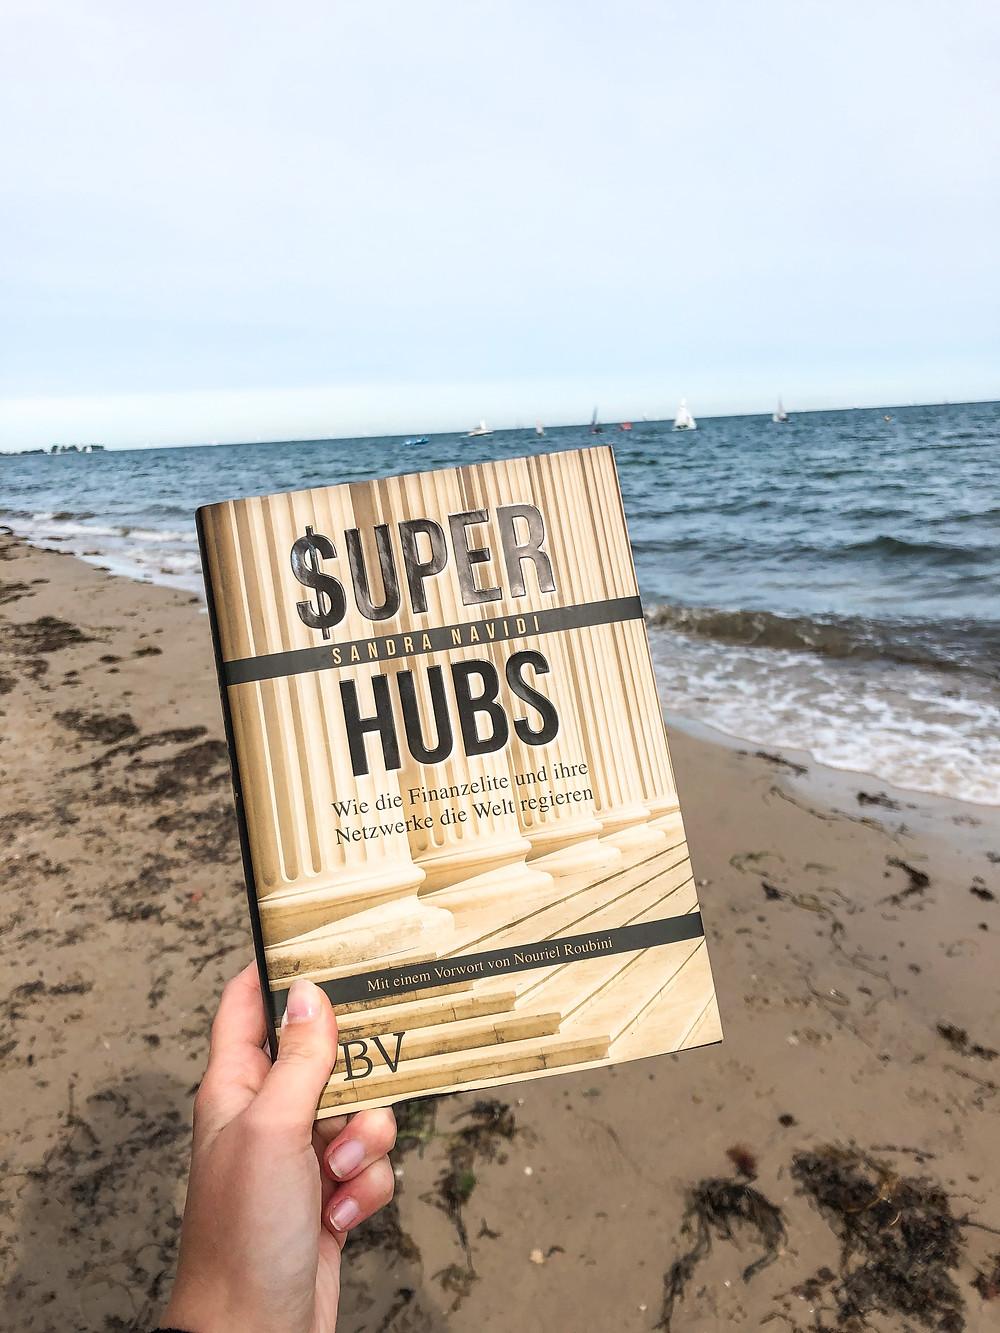 In Super Hubs bekommt man einen wirklichen Einblick in die High-Class der Wirtschaft und der Finanzwelt und man erlebt hautnah, wie unsere Welt entschieden wird.